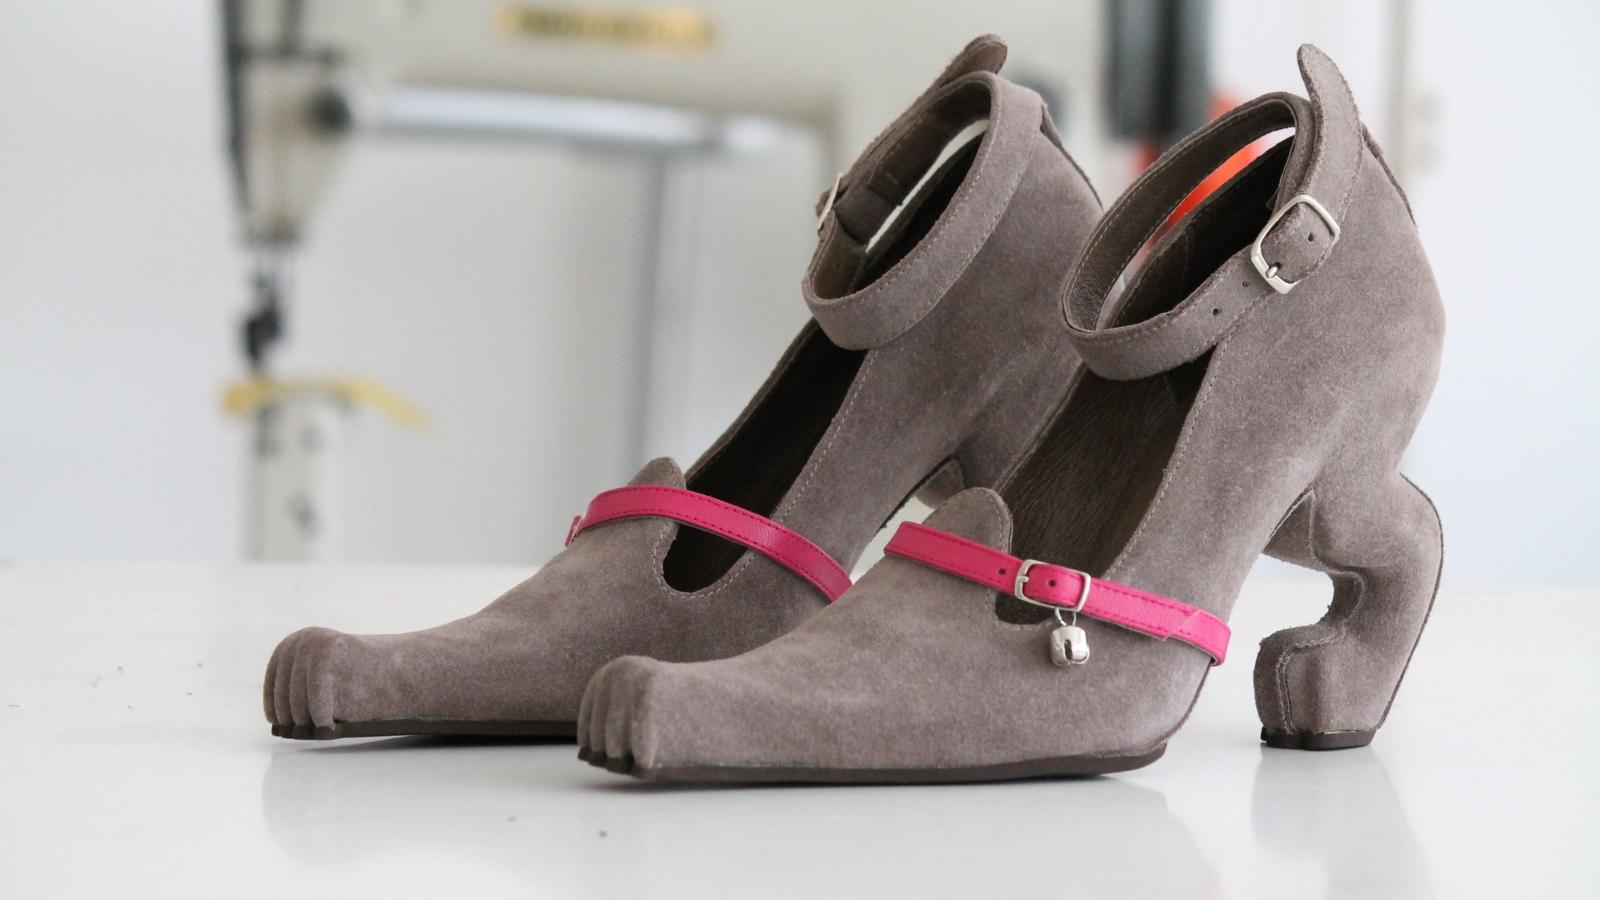 108bee7ad6 Esta es una las frases que definen al diseñador de zapatos israelí Kobi  Levi.